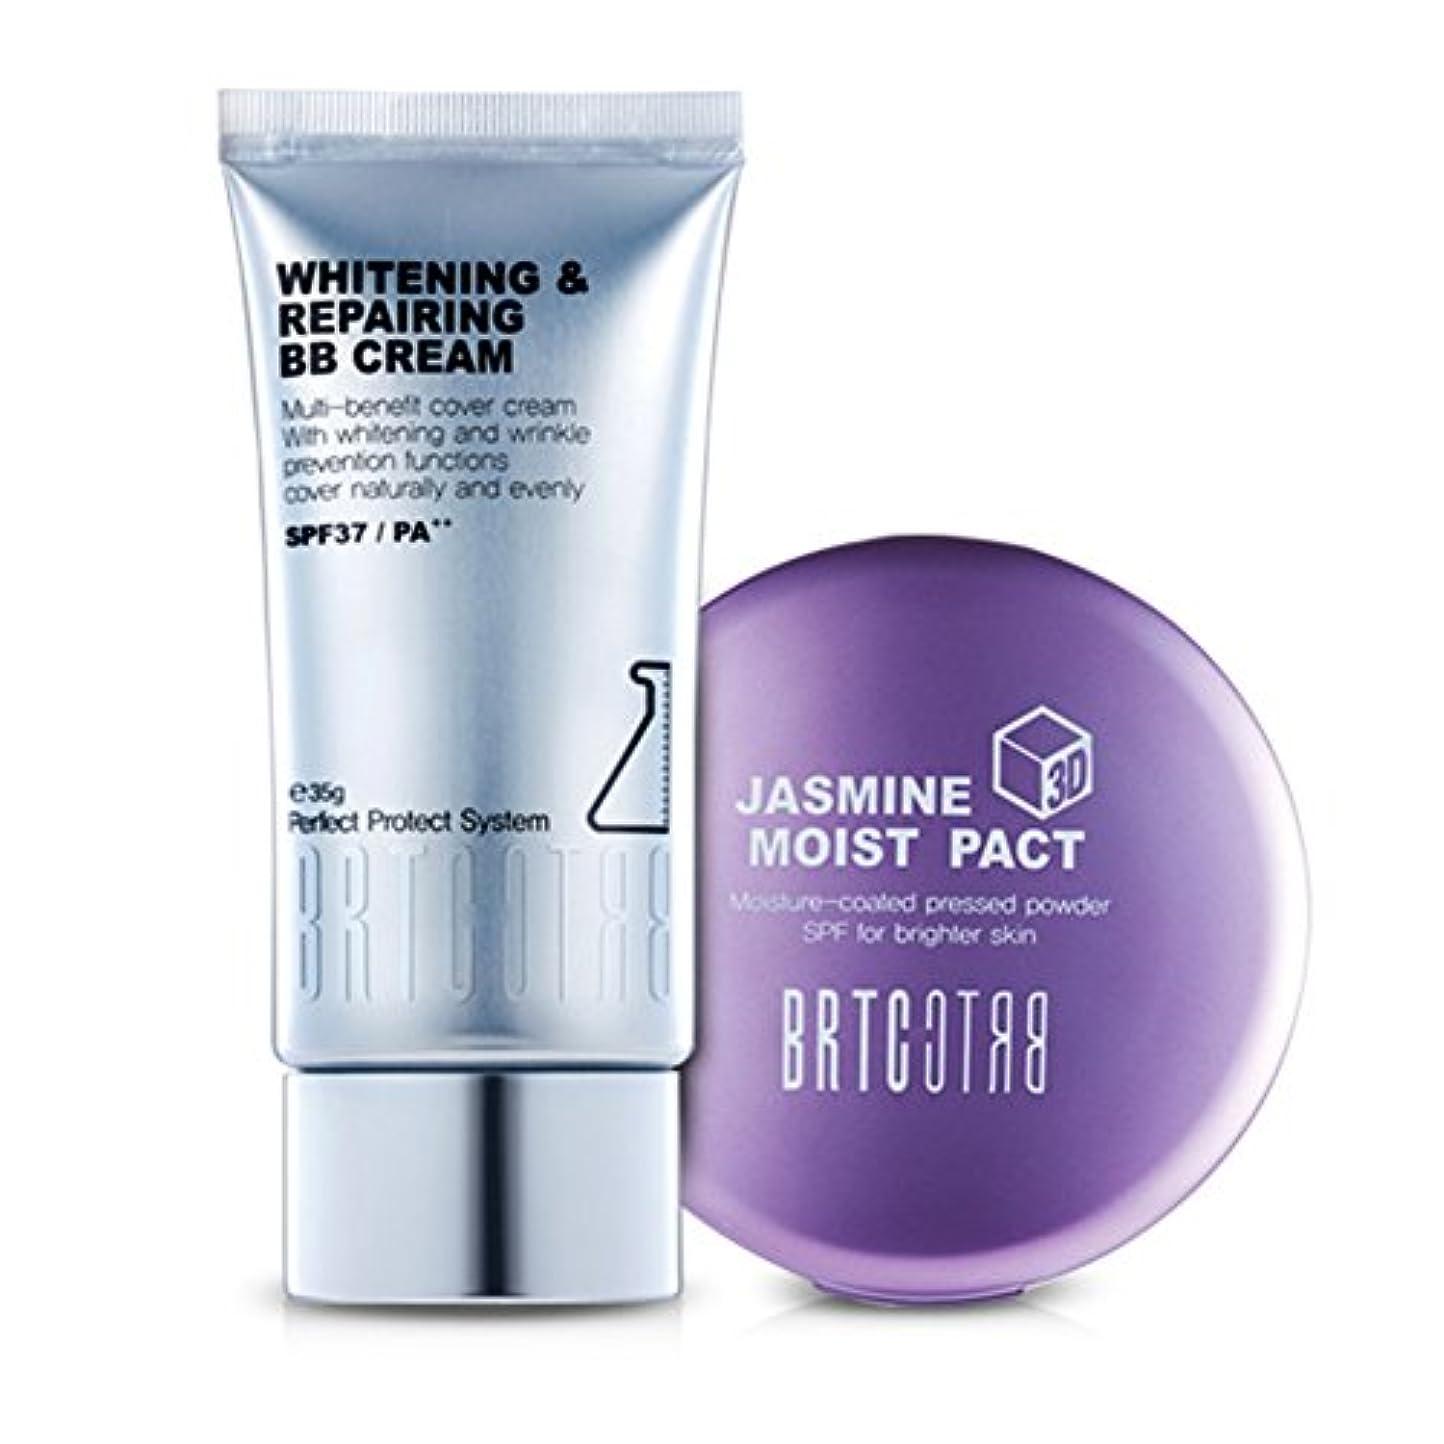 つば新聞凝縮する【BRTC/非アルティ時】Whitening&Moisture Make Up Setホワイトニングビビ水分ファクト35g 13g[BB Cream+ Moist Pact Set](海外直送品)